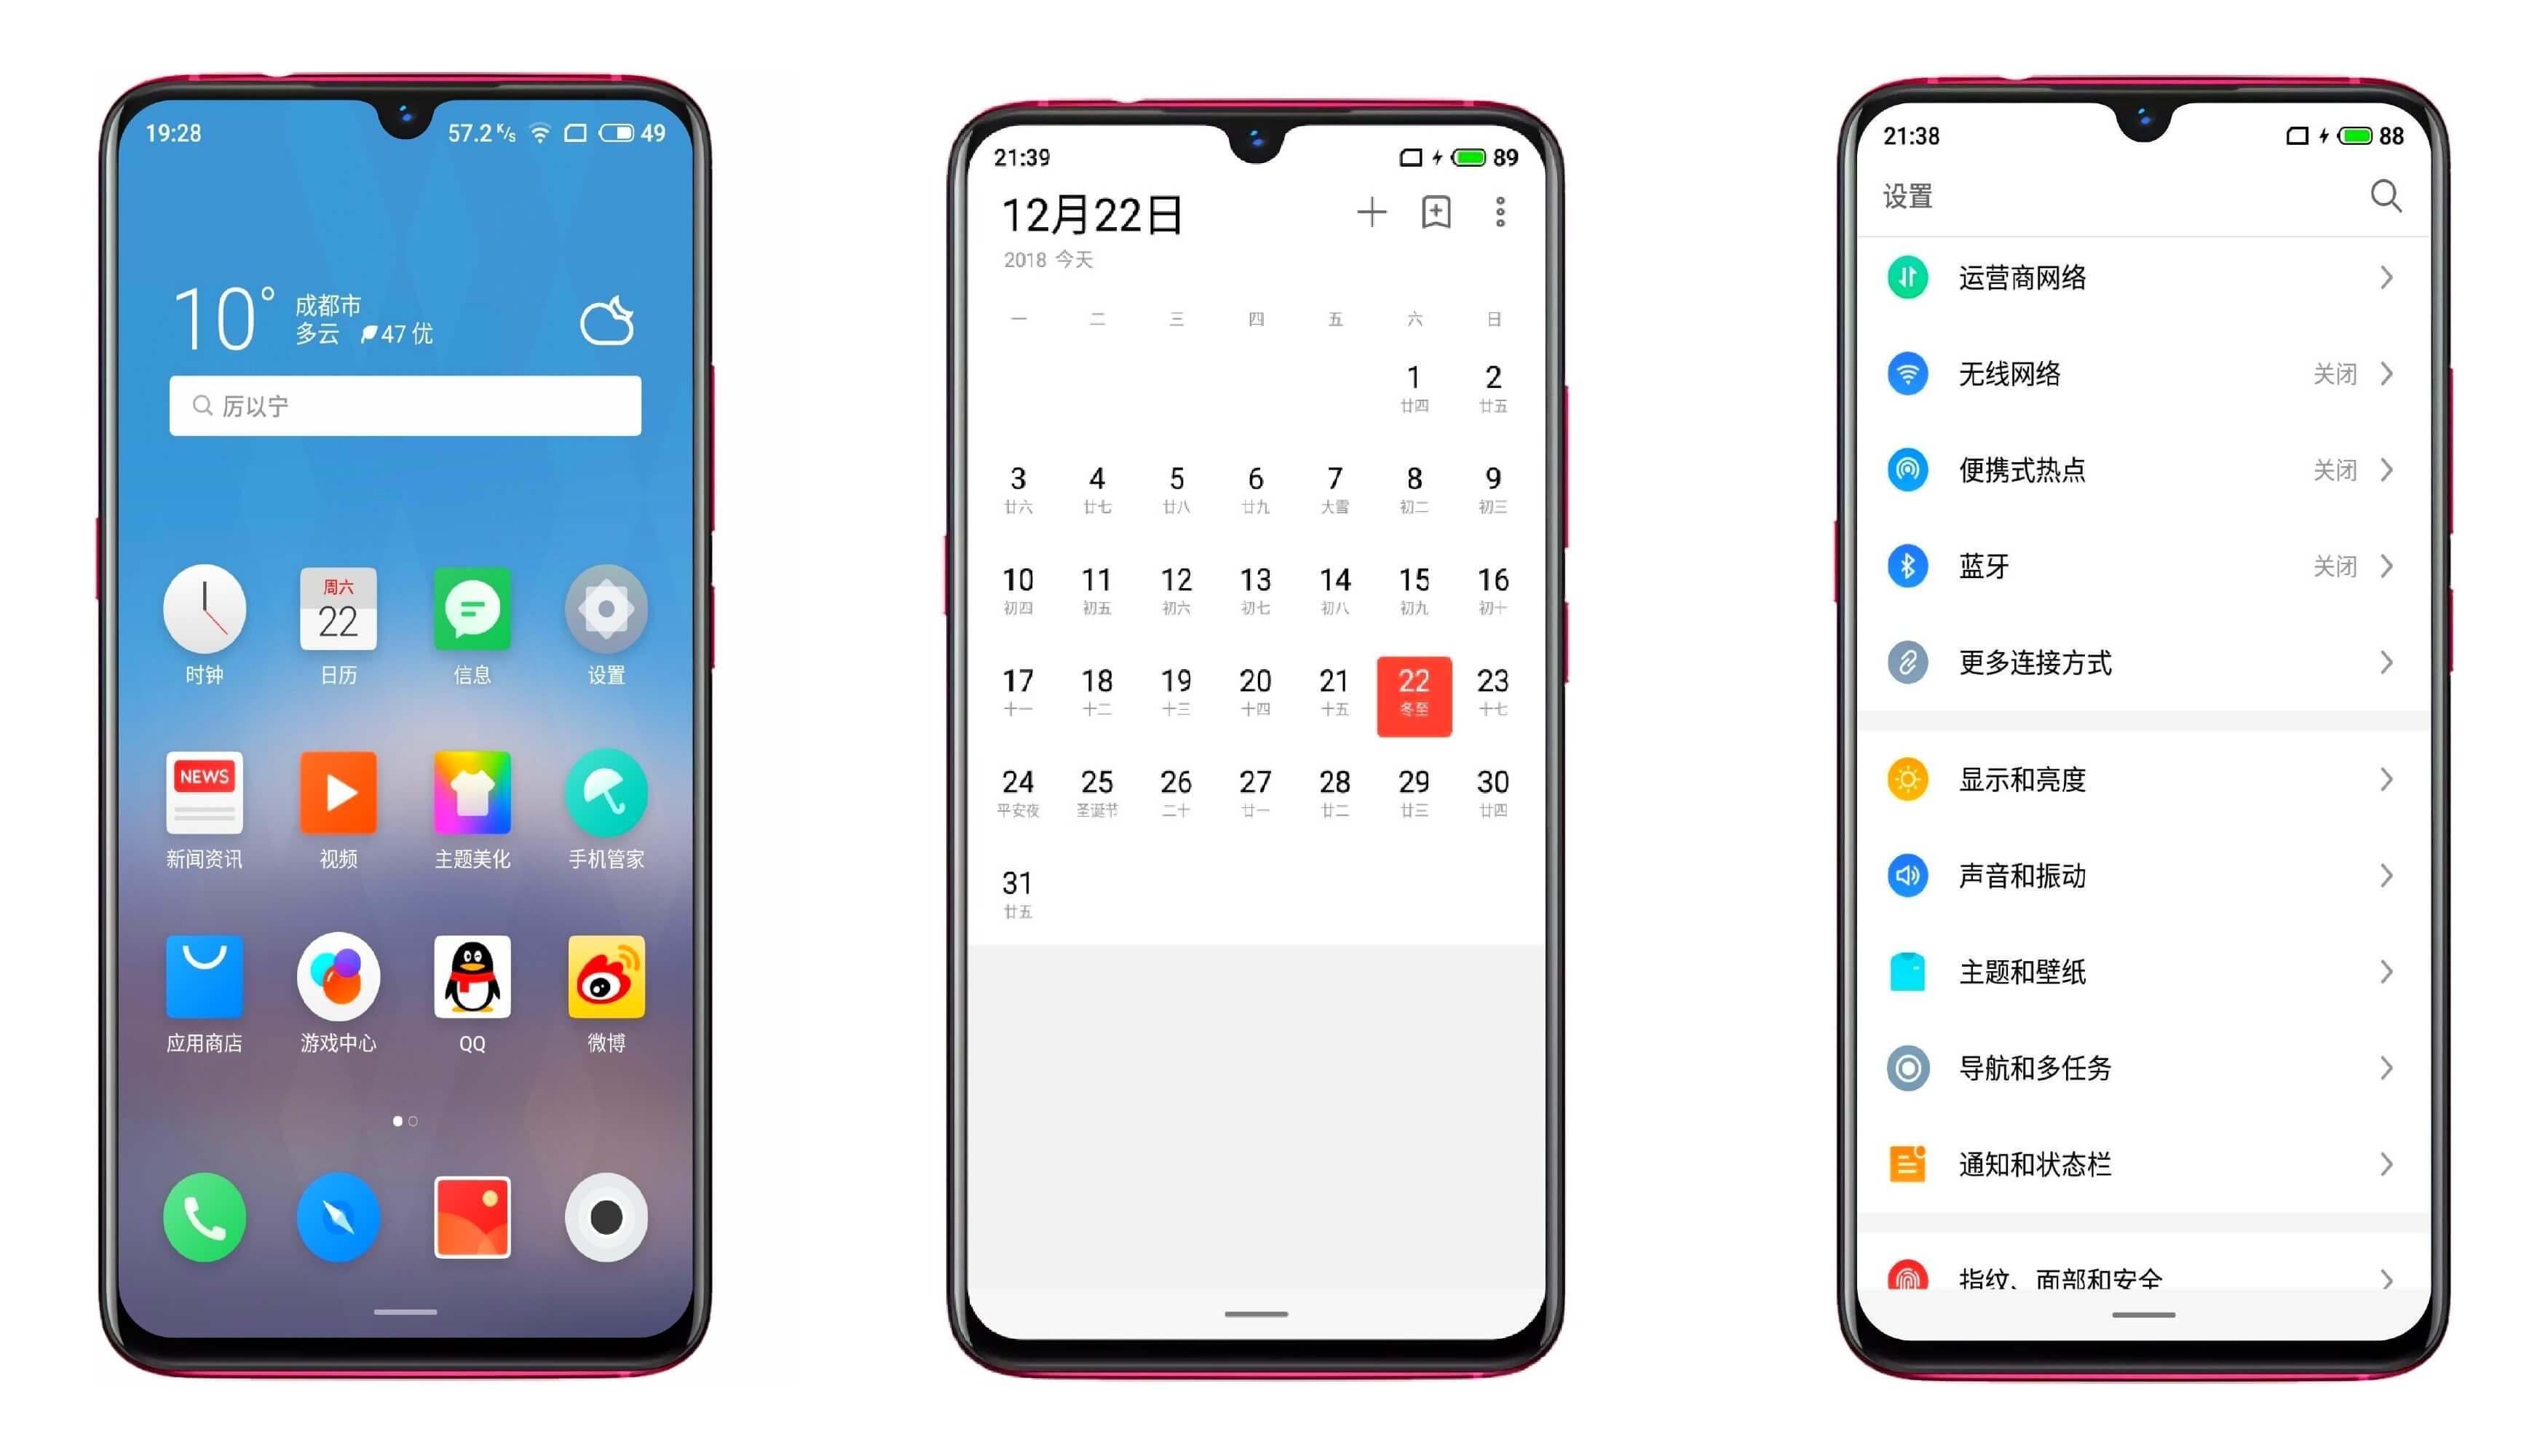 3a36b03be89aa Поклонники гаджетов от компании Redmi дождались выхода на рынок нового  смартфона Redmi Note 7. Но уже в феврале текущего года на полках магазинов  окажется и ...